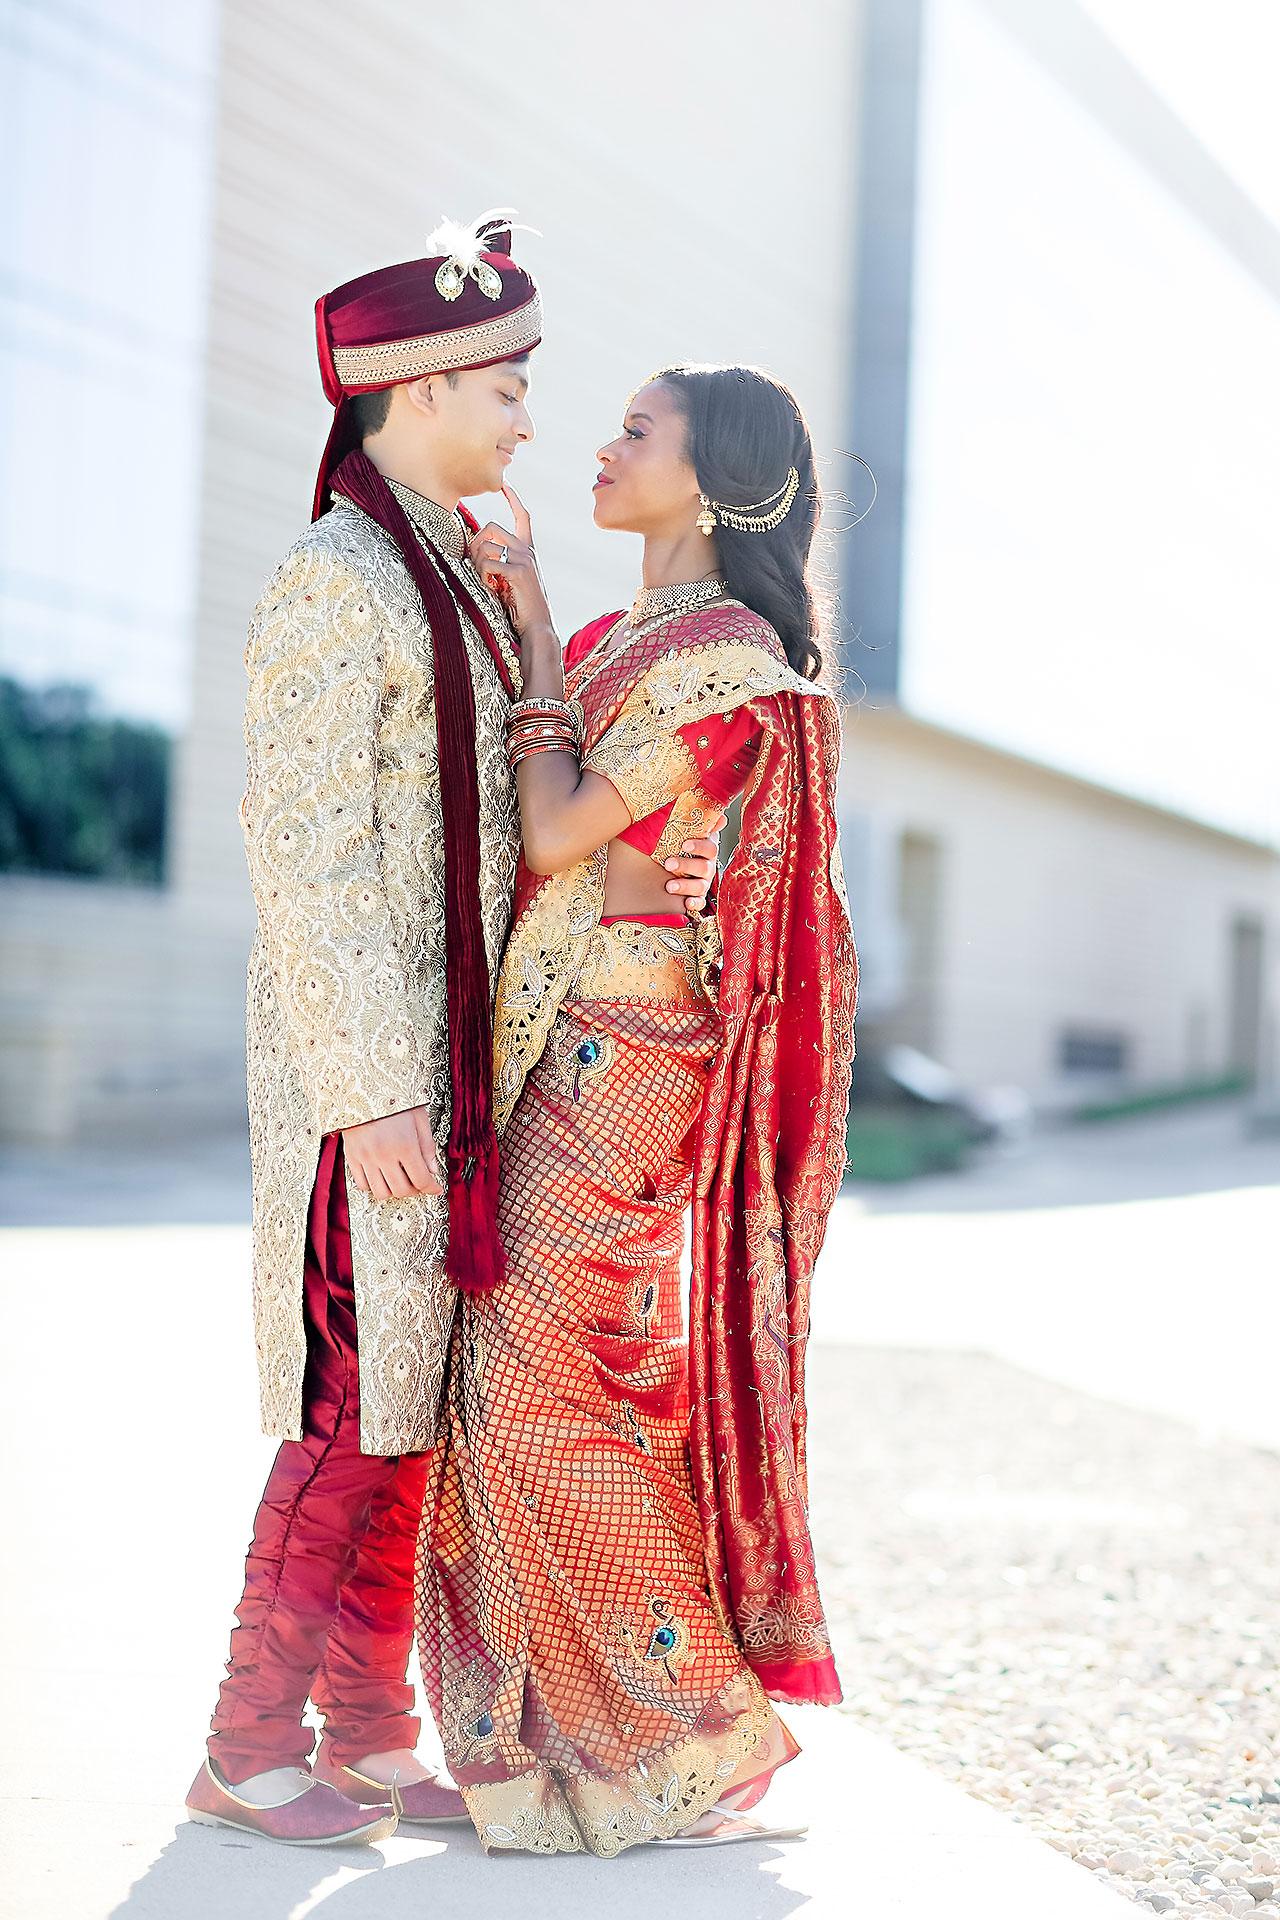 Joie Nikhil JW Marriott Indian Wedding 040